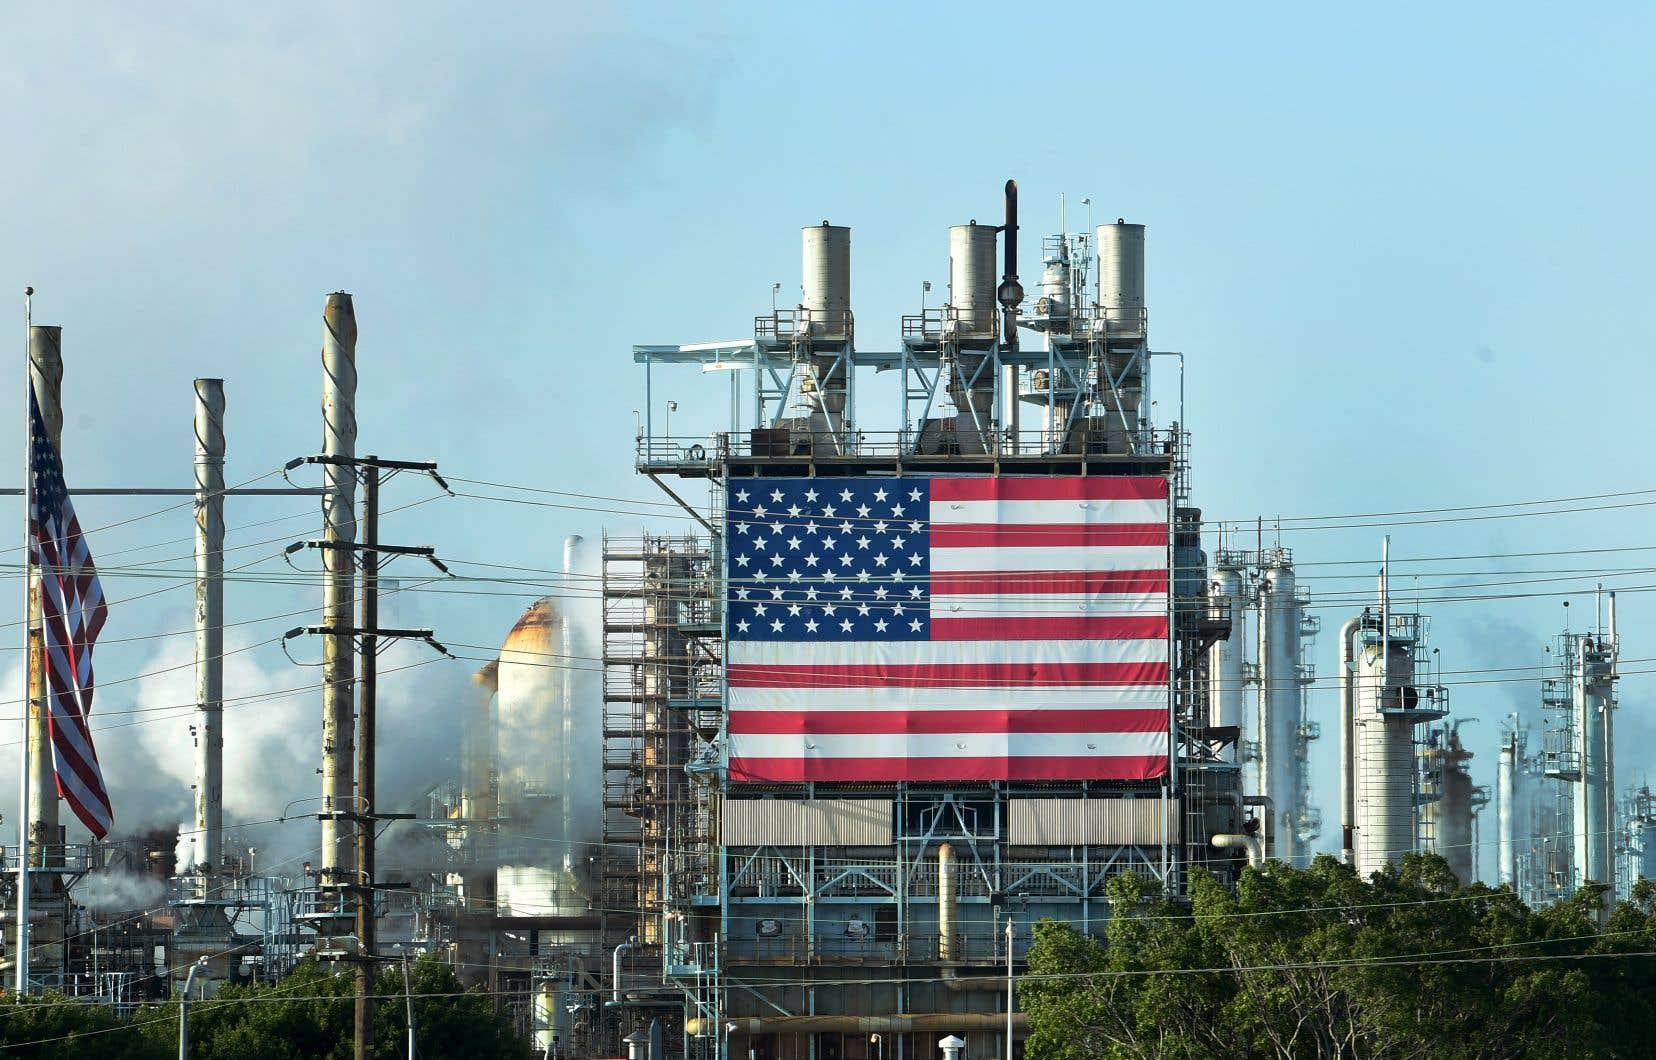 Les raffineries américaines ont drastiquement abaissé leur cadence et travaillent maintenant à 60% ou 70% de leurs capacités.